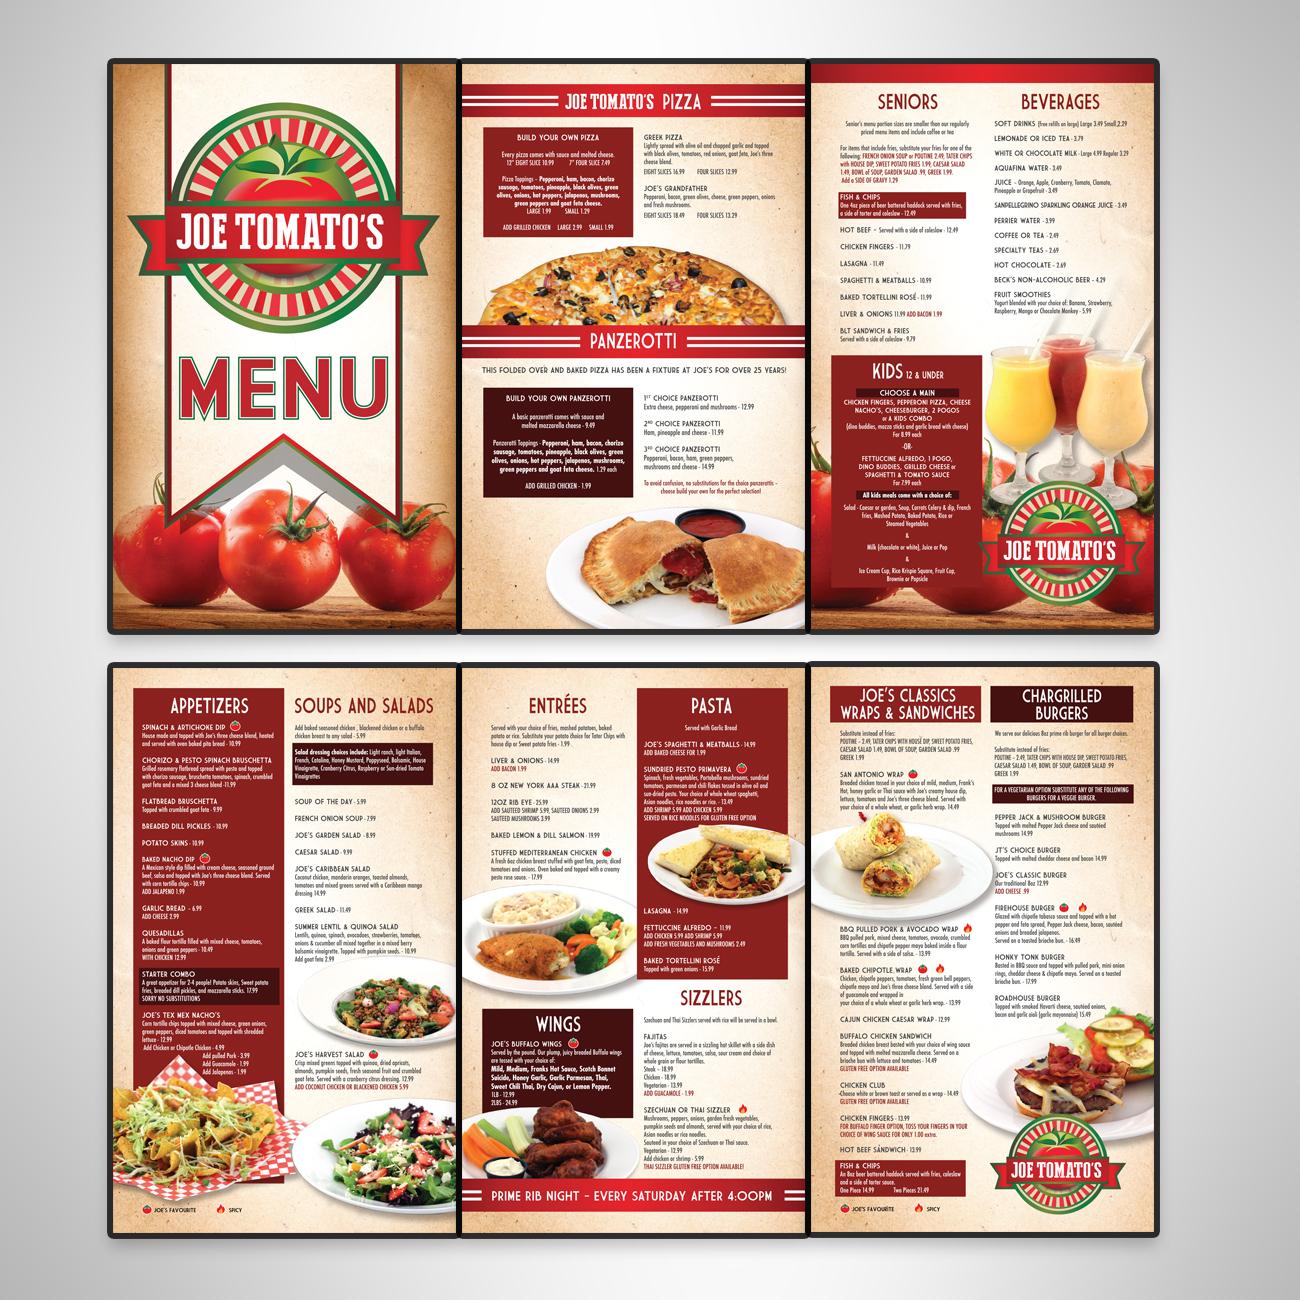 Joe Tomato's Menu